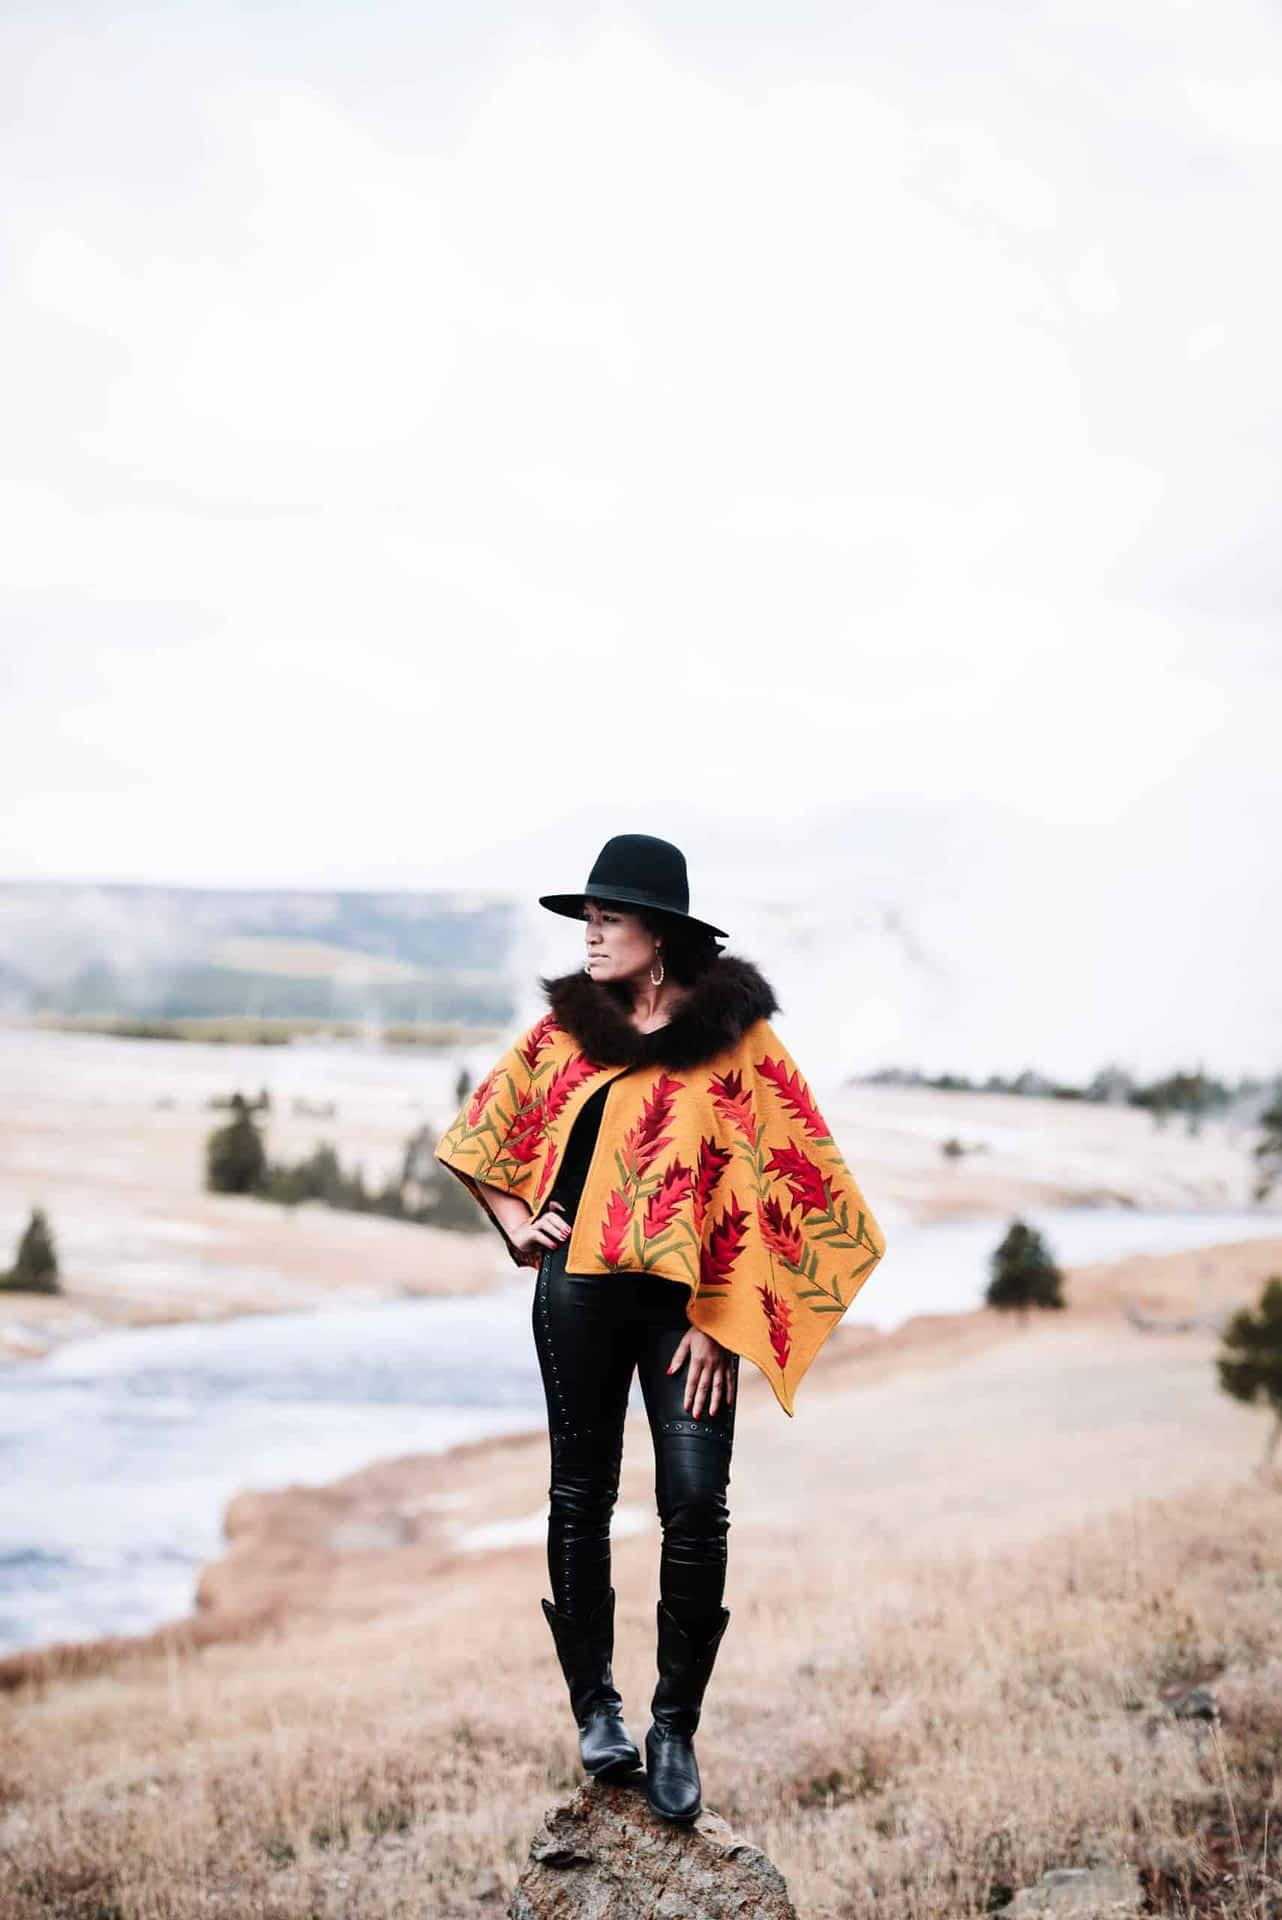 Kimono - Outerwear